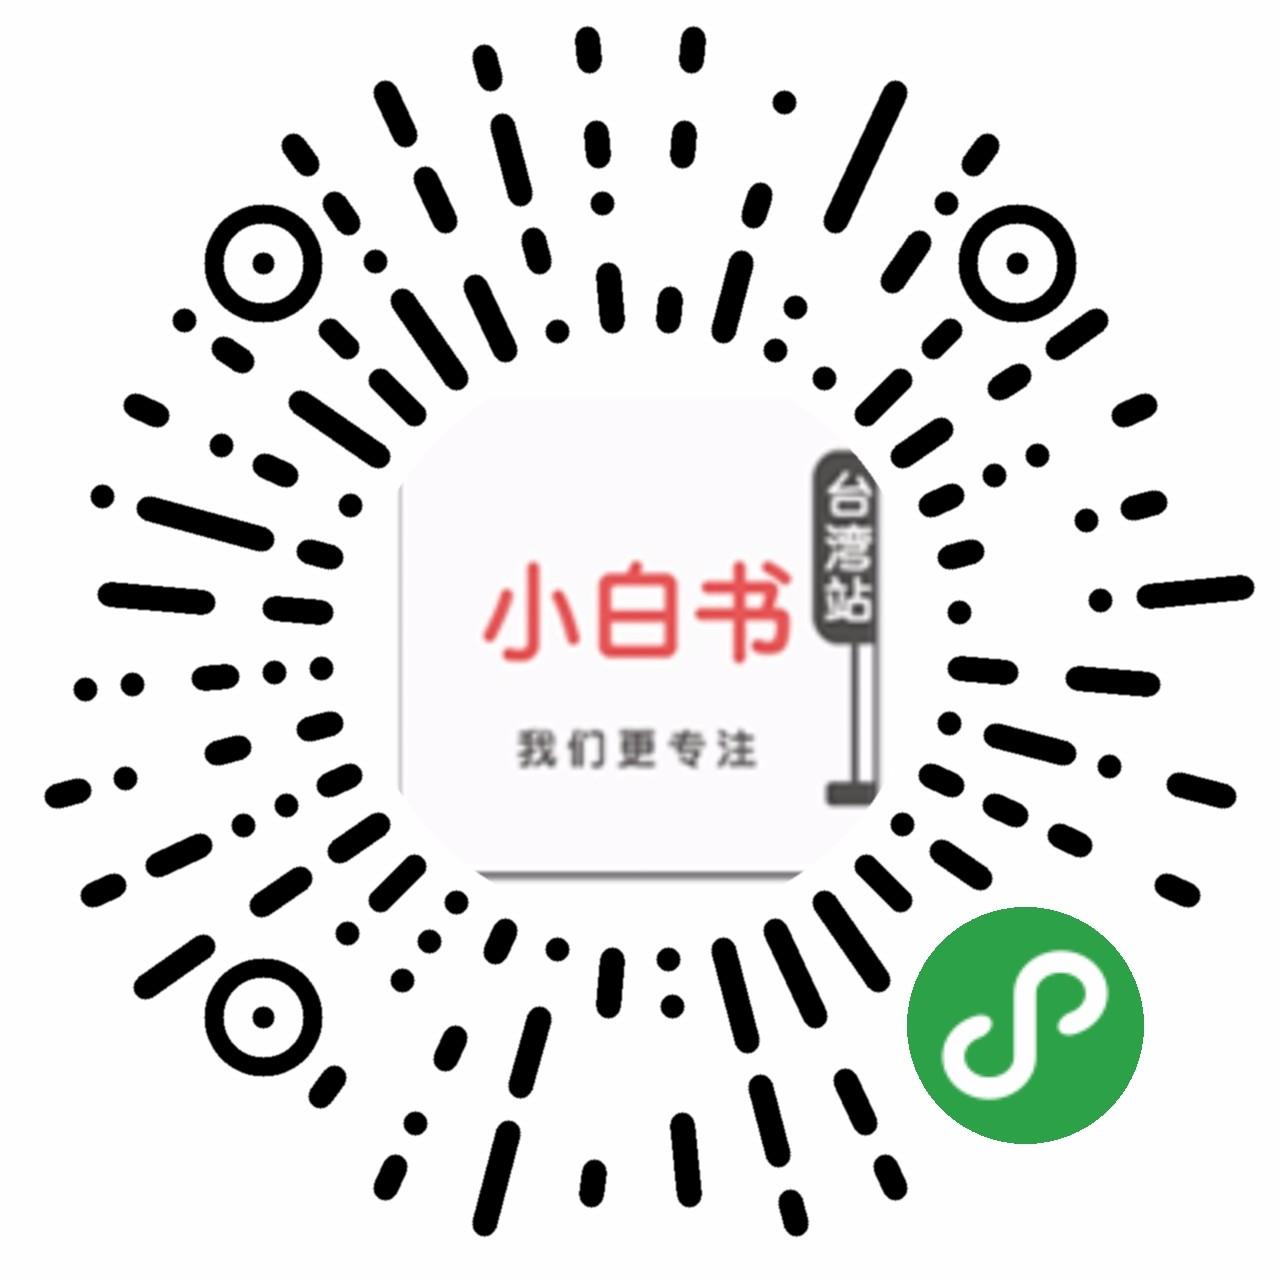 小白书台湾站-微信小程序二维码